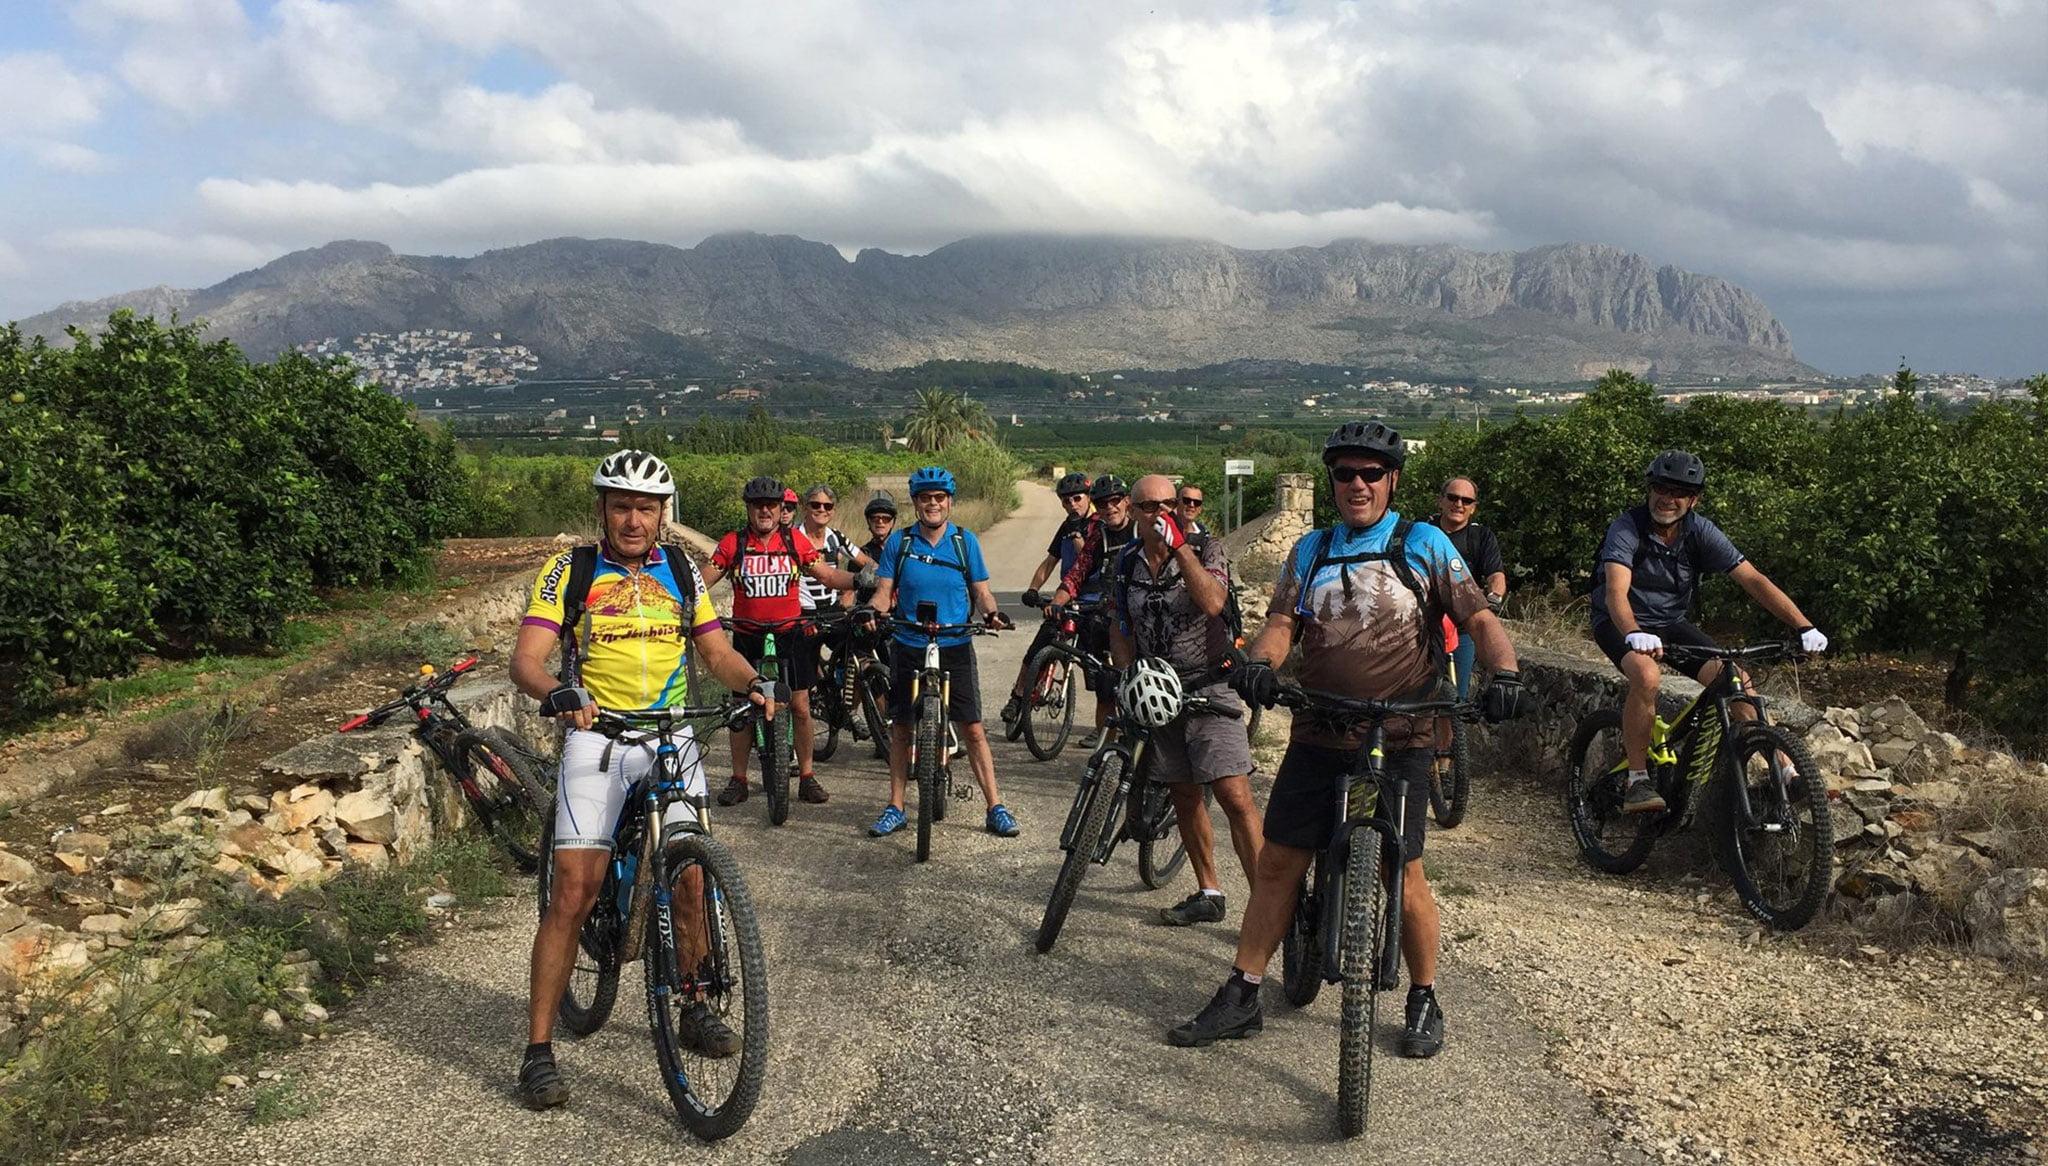 Ruta de sábado a sábado en mountain bike – Aventura Pata Negra